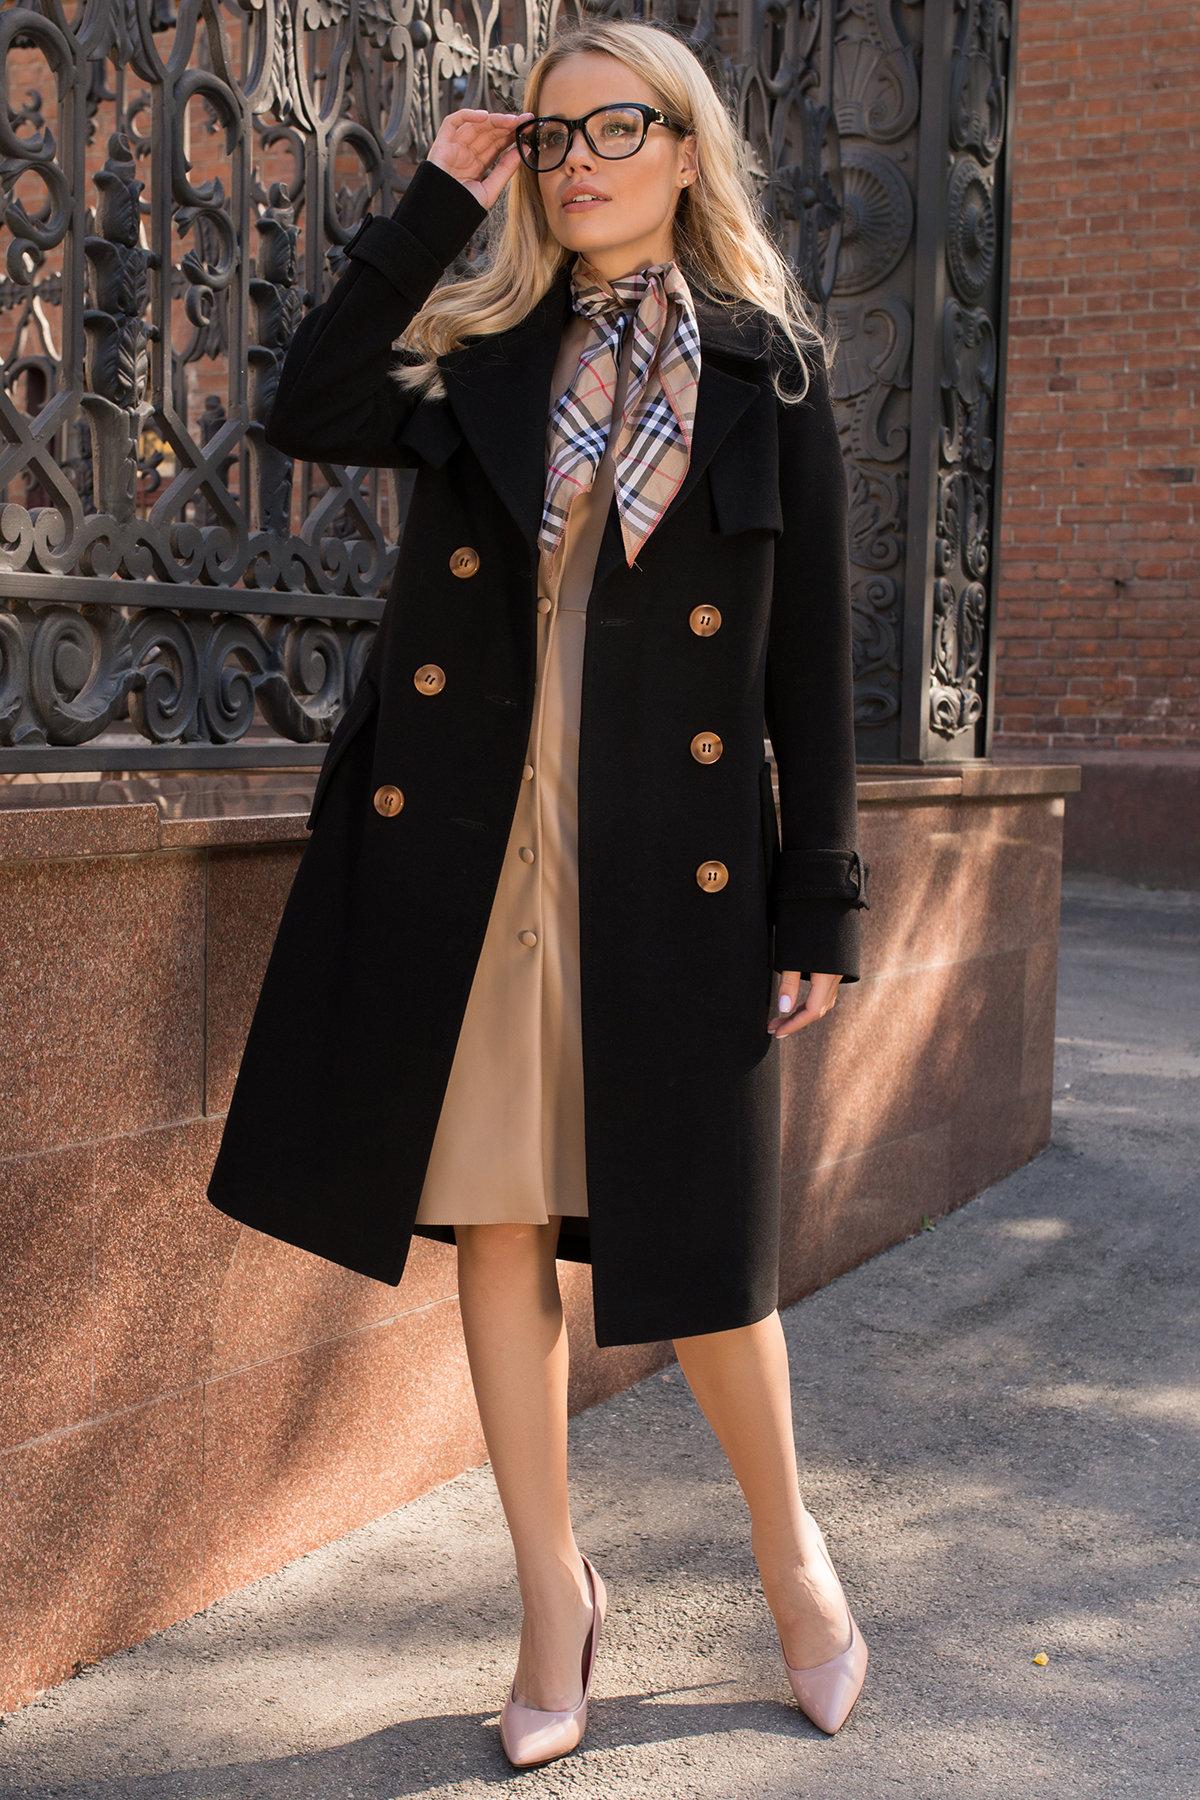 Черное двубортное пальто Монте 7947 АРТ. 43907 Цвет: Черный - фото 3, интернет магазин tm-modus.ru